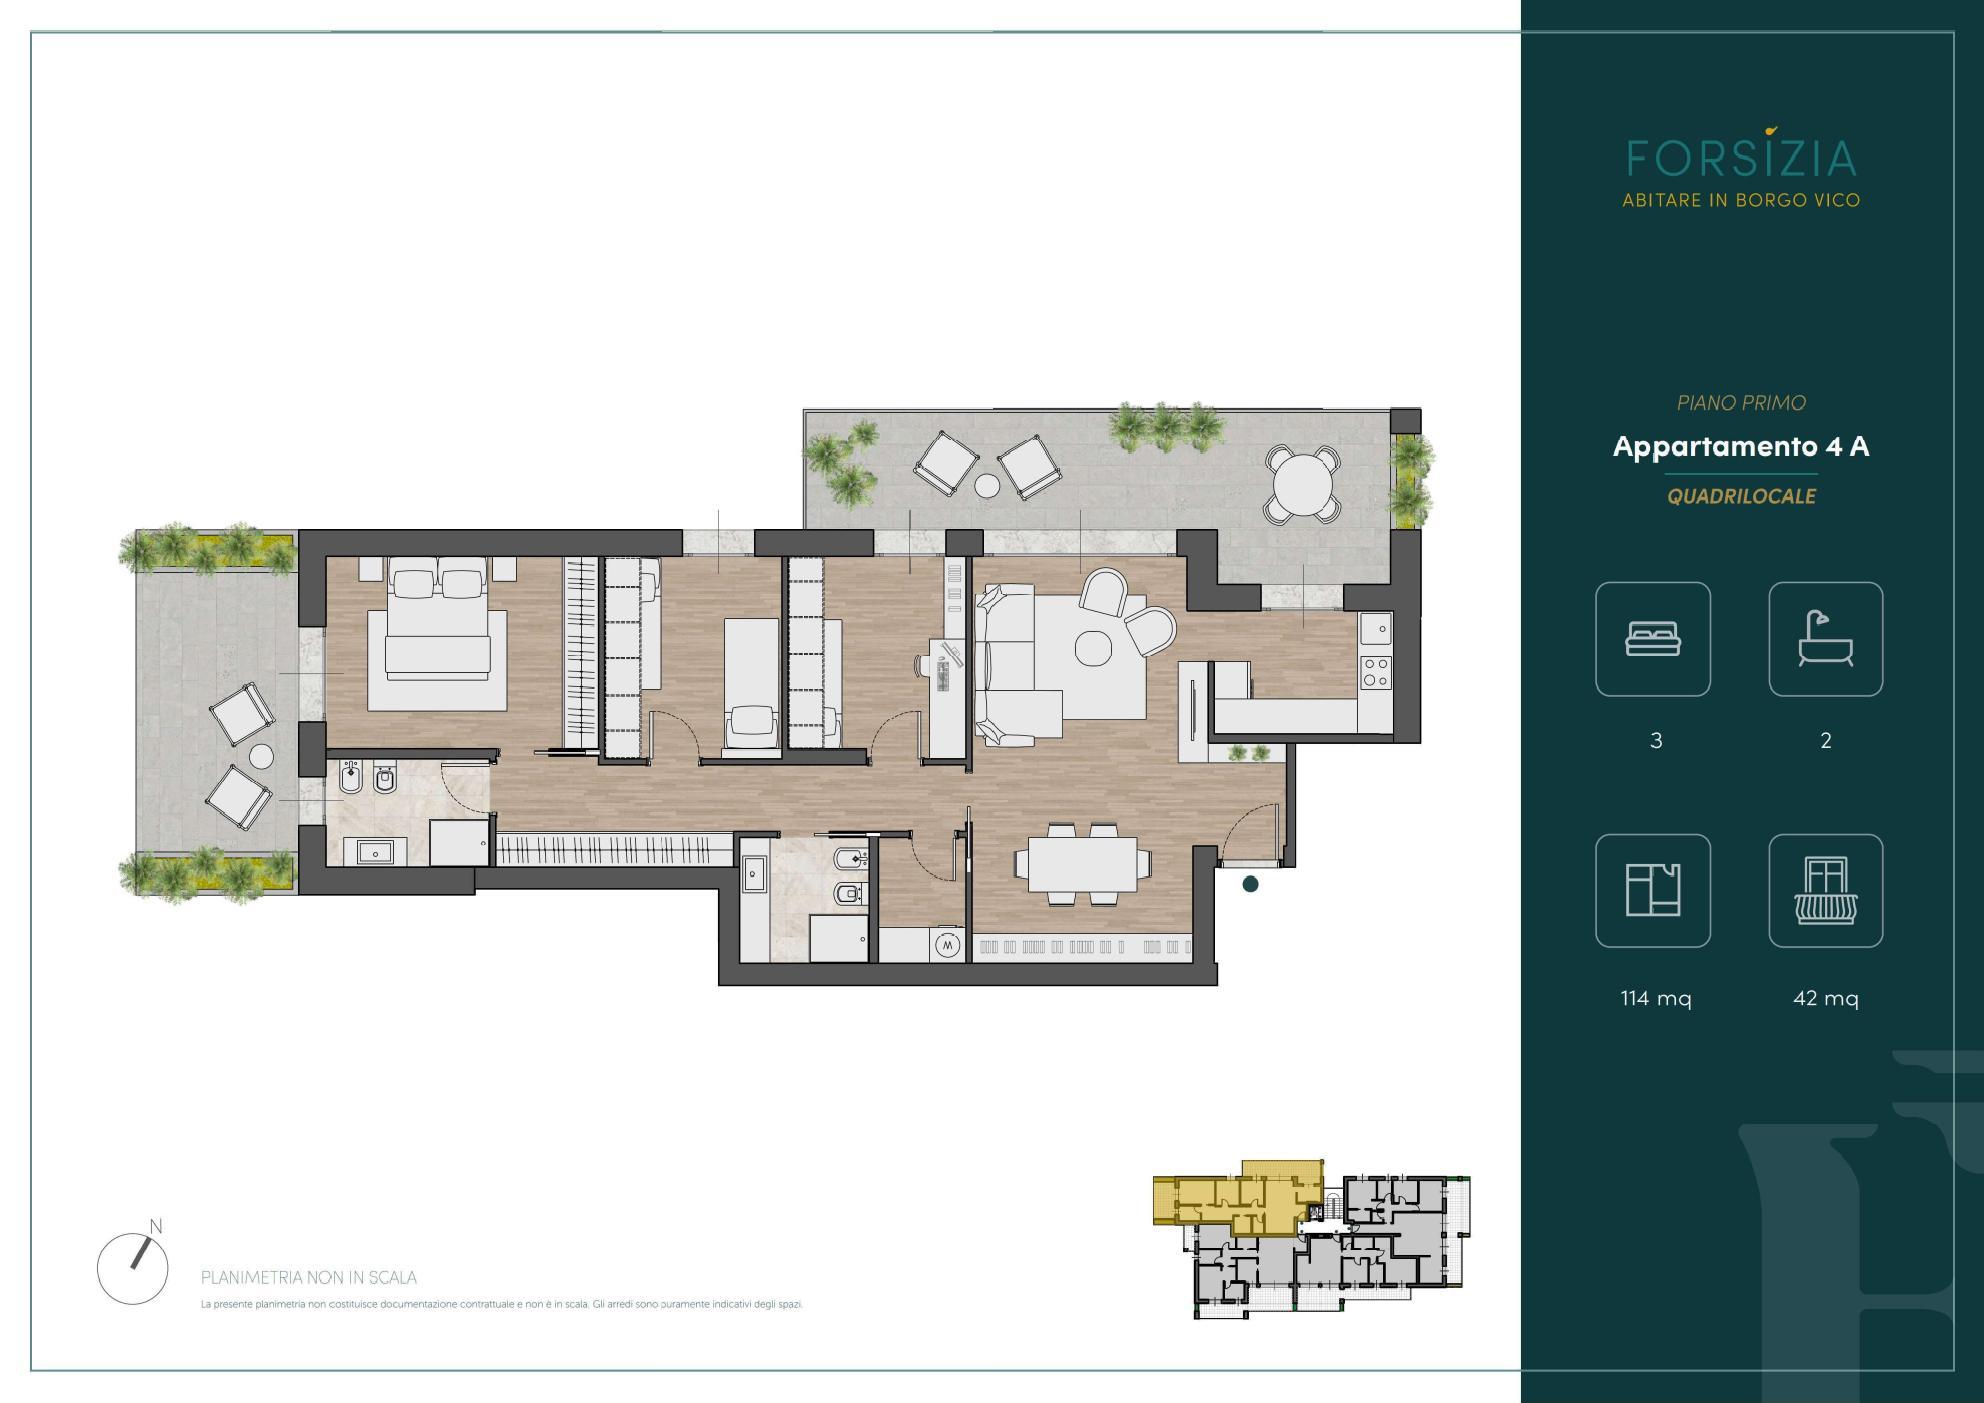 PIANO PRIMO - Quadrilocale 4A - Sup. Comm. 144 mq - 435.000 €